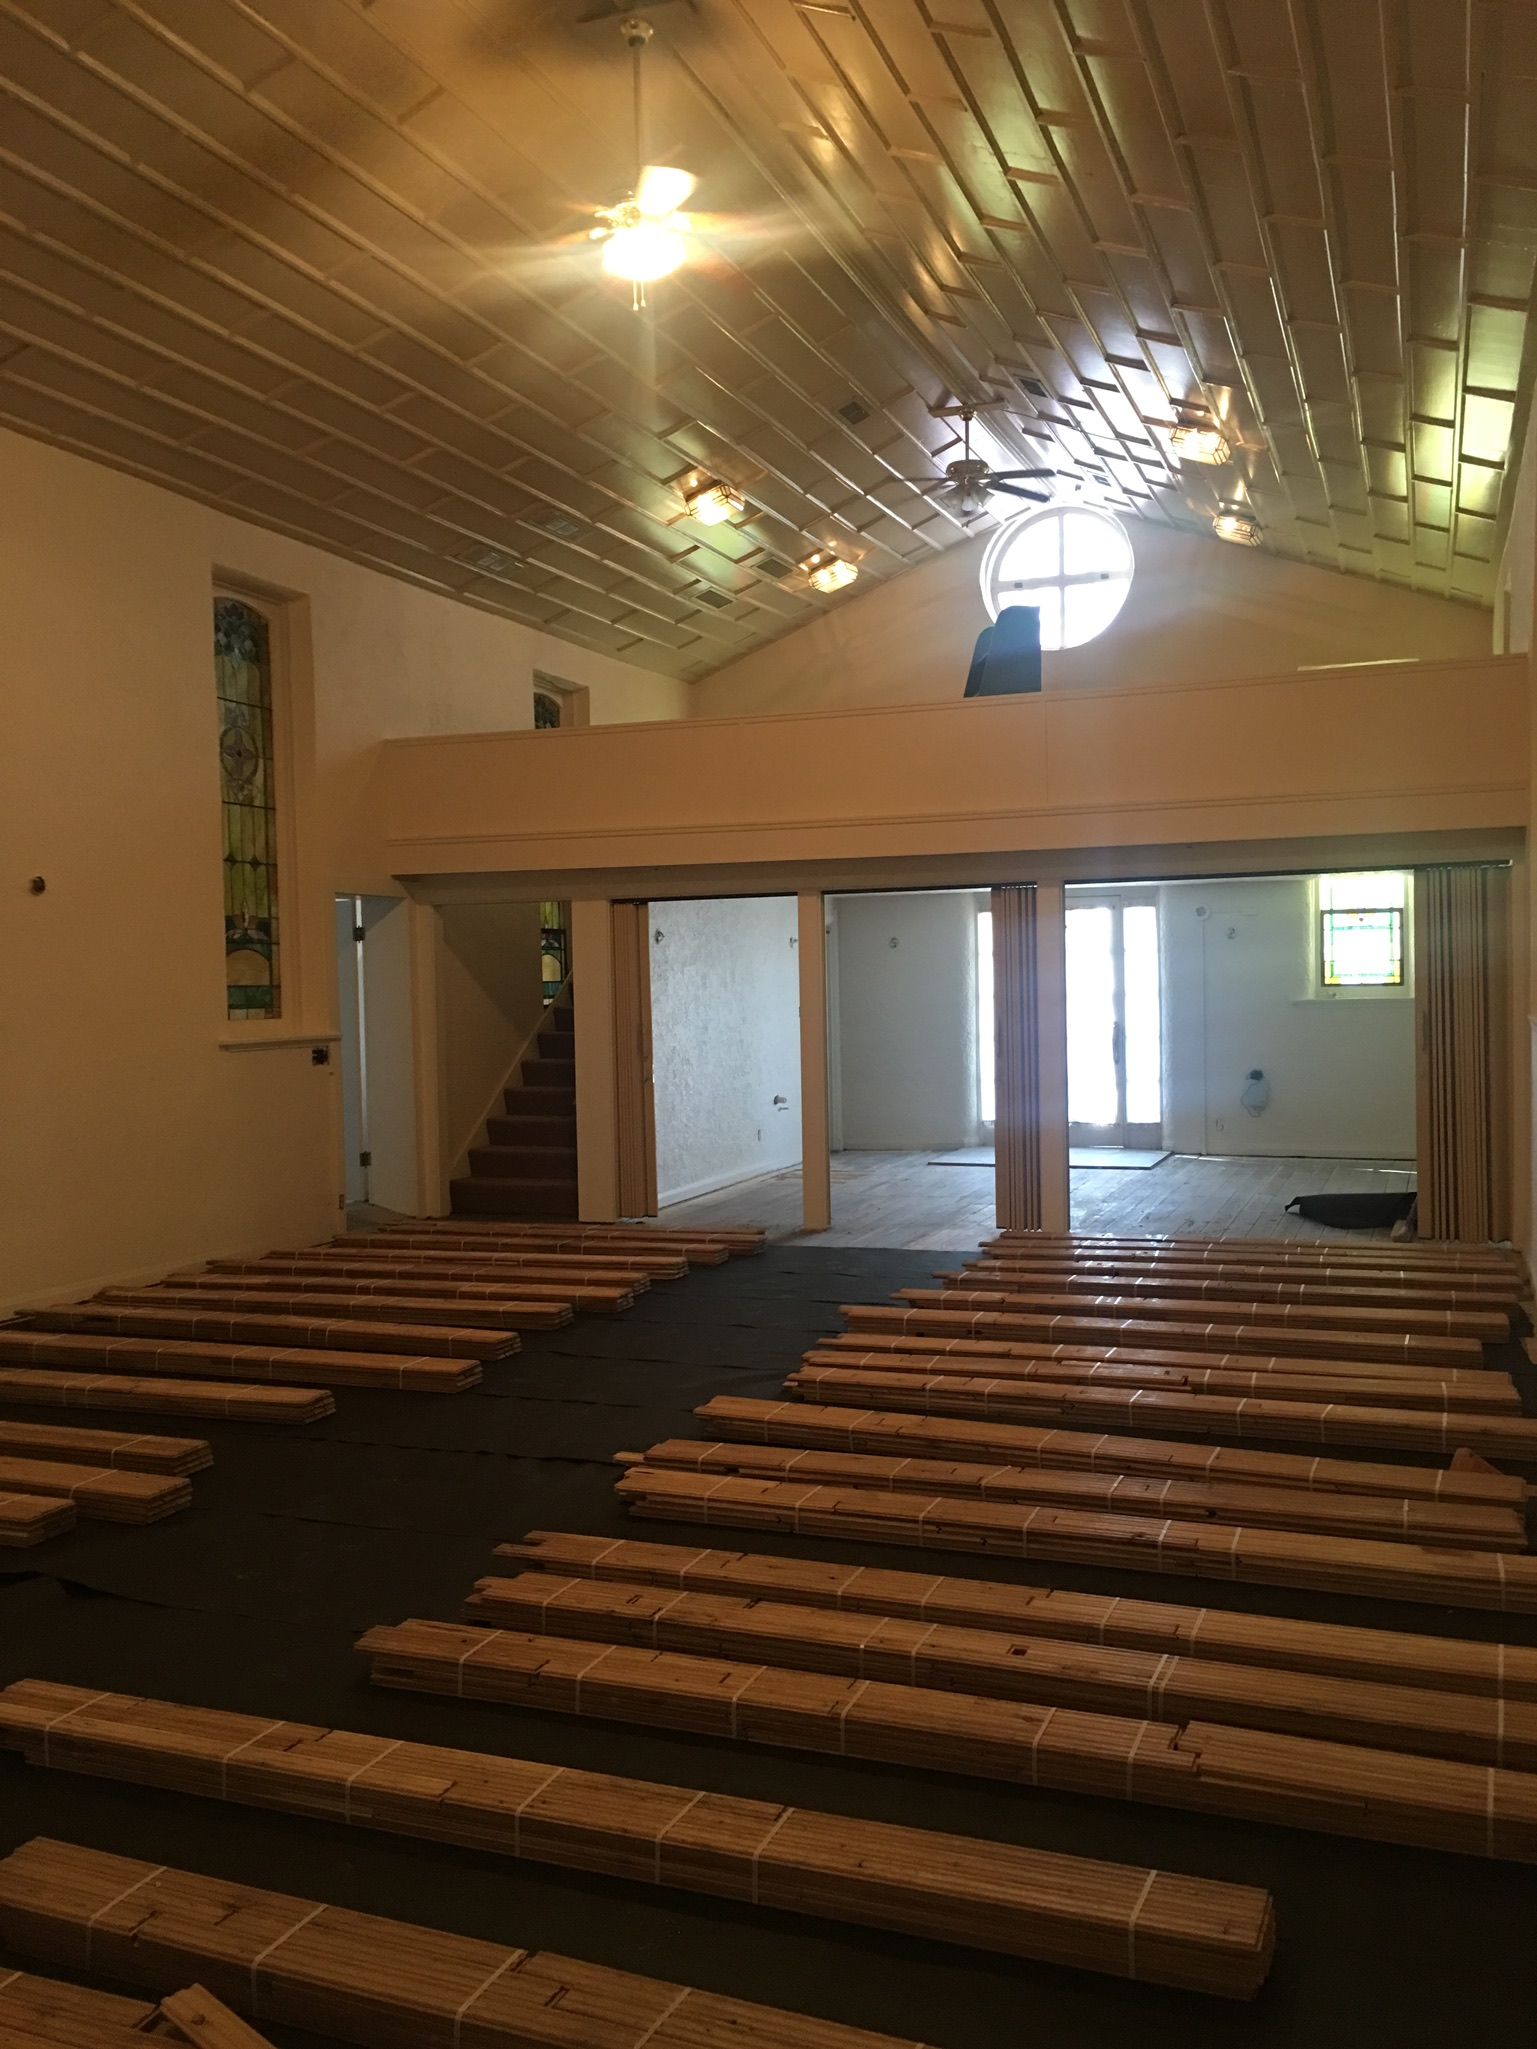 Alli Event Center, Brighton Co Sanctuary renovation